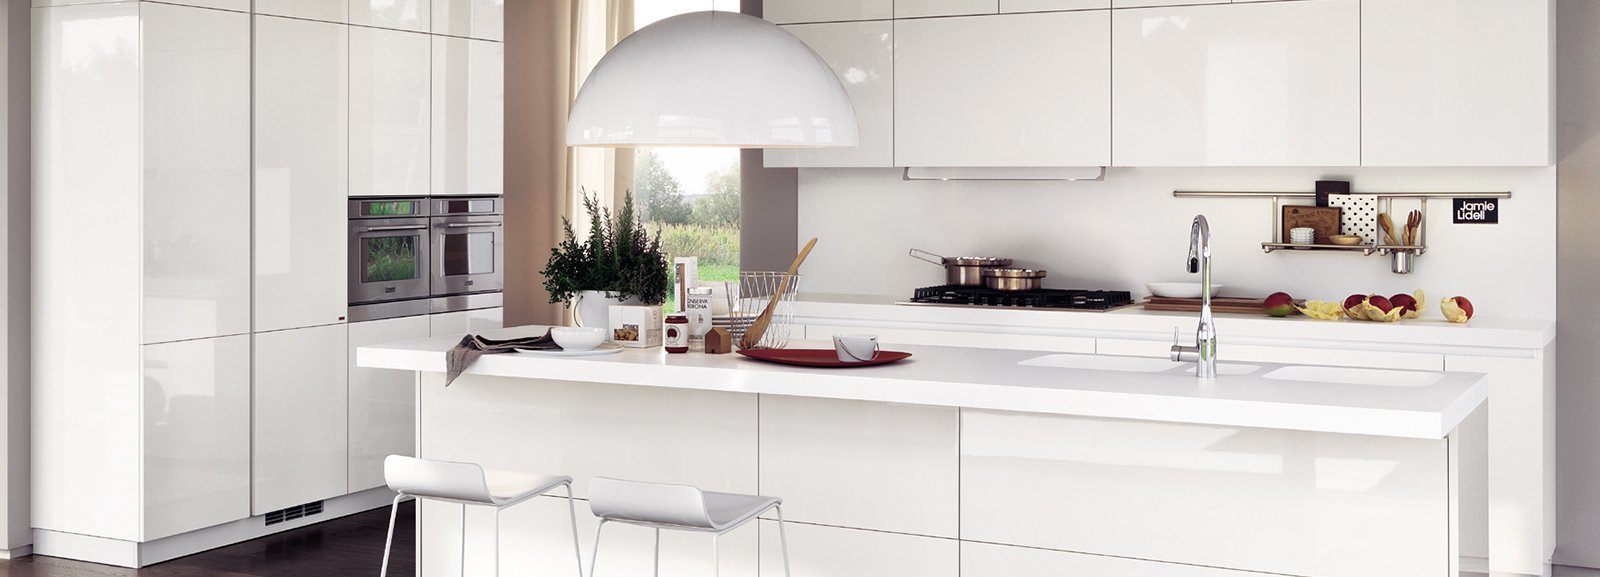 La cucina con l 39 isola monocromatica o bicolore cose di casa for Cucine arredate